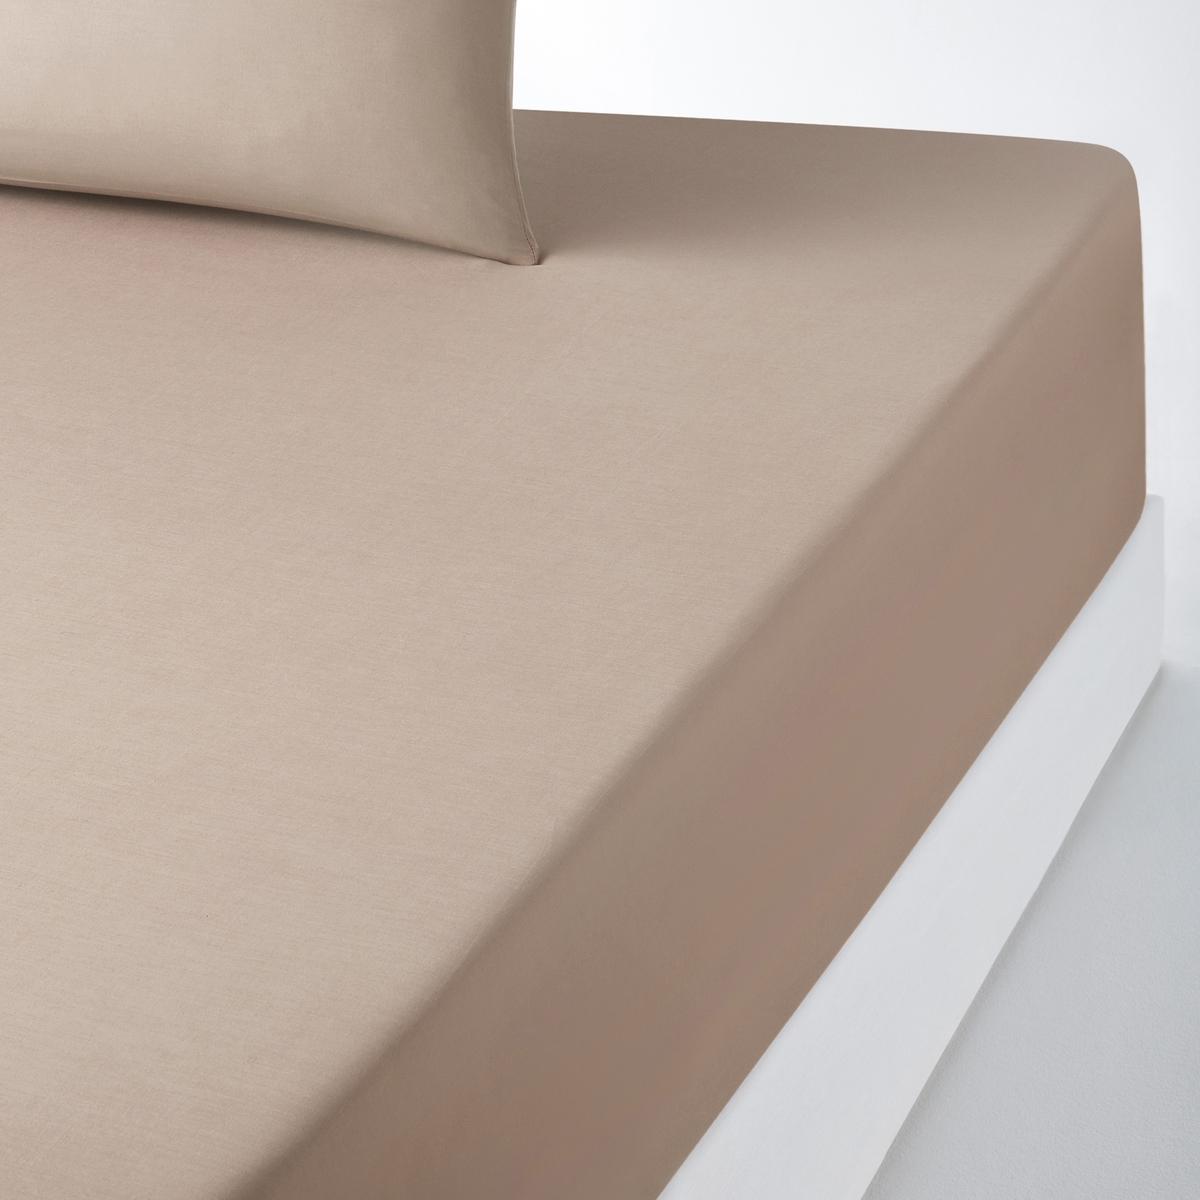 Натяжная простыня, 100% хлопокСтильная гамма цветов позволяет создаваять яркие комплекты SCENARIO.    57 нитей/см? : чем больше нитей/см?, тем выше качество ткани.Характеристики хлопчатобумажной натяжной простыни для толстого матраса:- Натяжная простыня из 100% хлопка плотного плетения (57 нитей/см? : чем больше количество нитей/см?, тем выше качество ткани), очень мягкая и удобная. - Специально разработана для толстых матрасов до 30 см (клапан 32 см).- Прекрасно сохраняет цвет после стирок (60°).Знак Oeko-Tex® гарантирует, что товары протестированы, сертифицированы и не содержат вредных для здоровья веществ. Натяжная простыня  :90 x 190 см : 1-спальный.140 x 190 см : 2-спальный.140 x 200 см : 2-спальный.160 x 200 см : 2-спальный.2 p : 2-спальный.Найдите другие предметы постельного белья SC?NARIO на нашем сайте<br><br>Цвет: антрацит,бледный сине-зеленый,вишневый,голубой бирюзовый,желтый лимонный,нежно-розовый,розовое дерево,розовый коралловый,серо-коричневый каштан,серый жемчужный,фиолетовый,черный